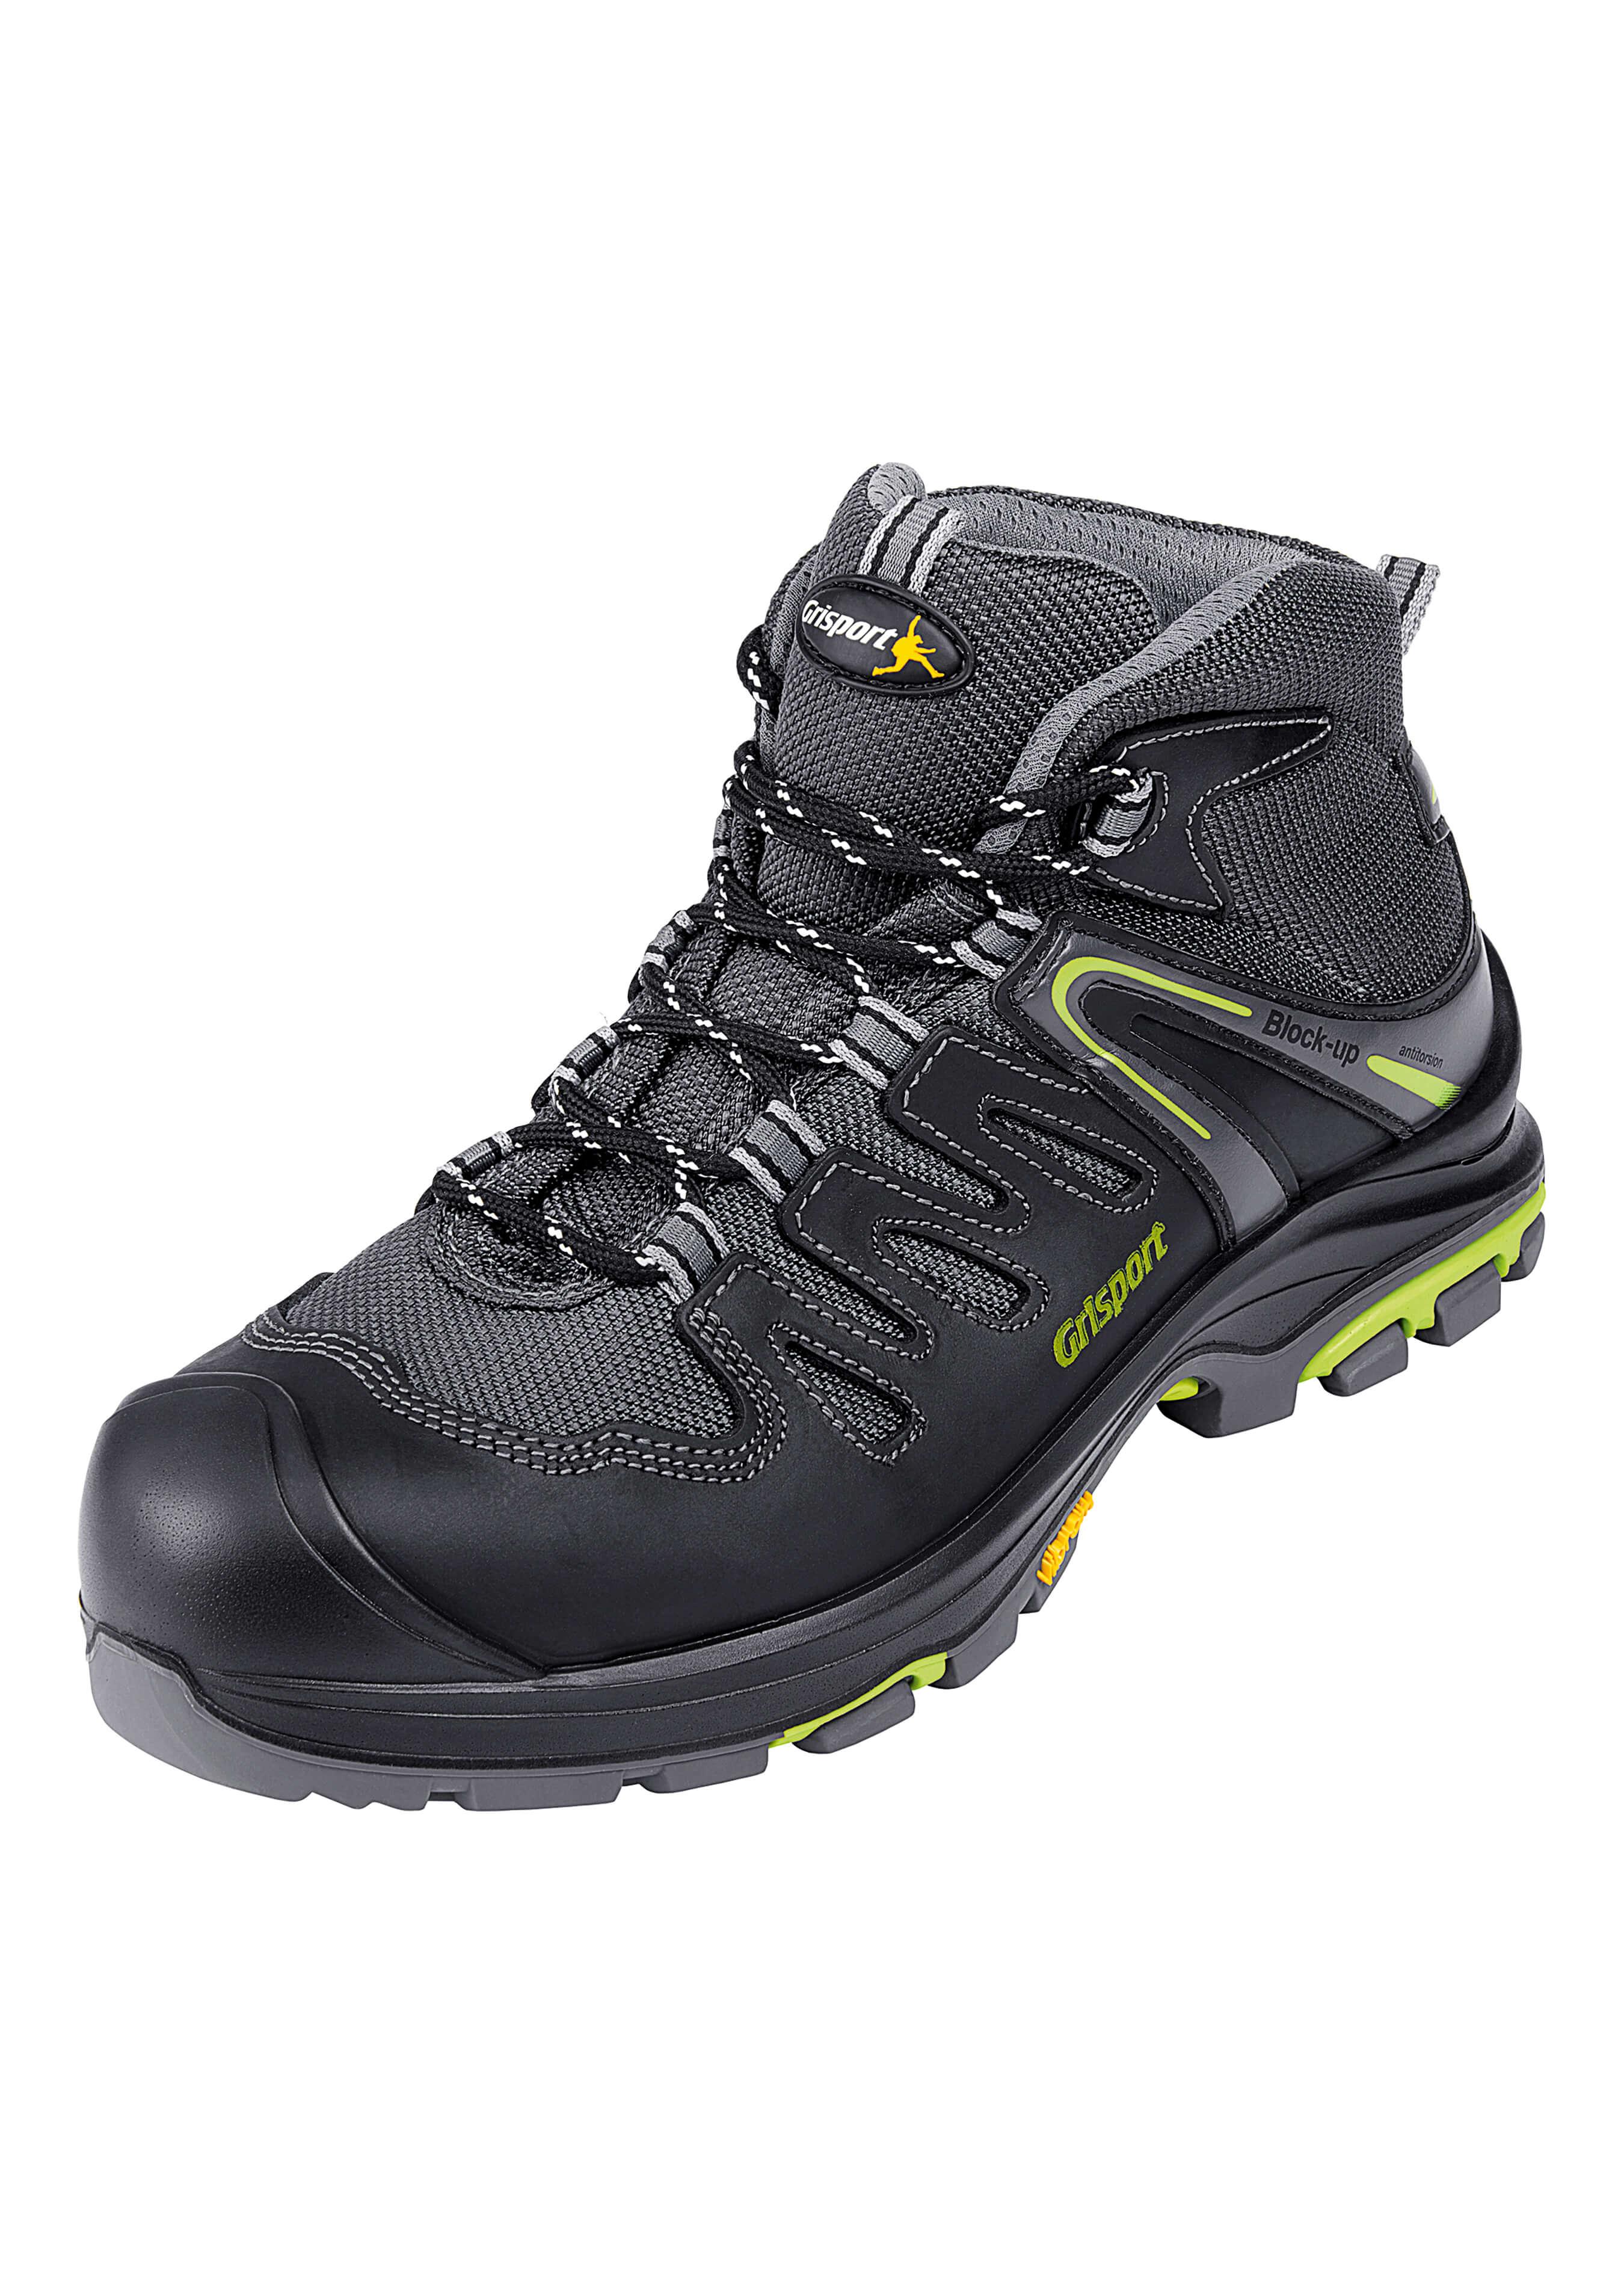 Chaussure de sécurité Maranello S3 L426739 1